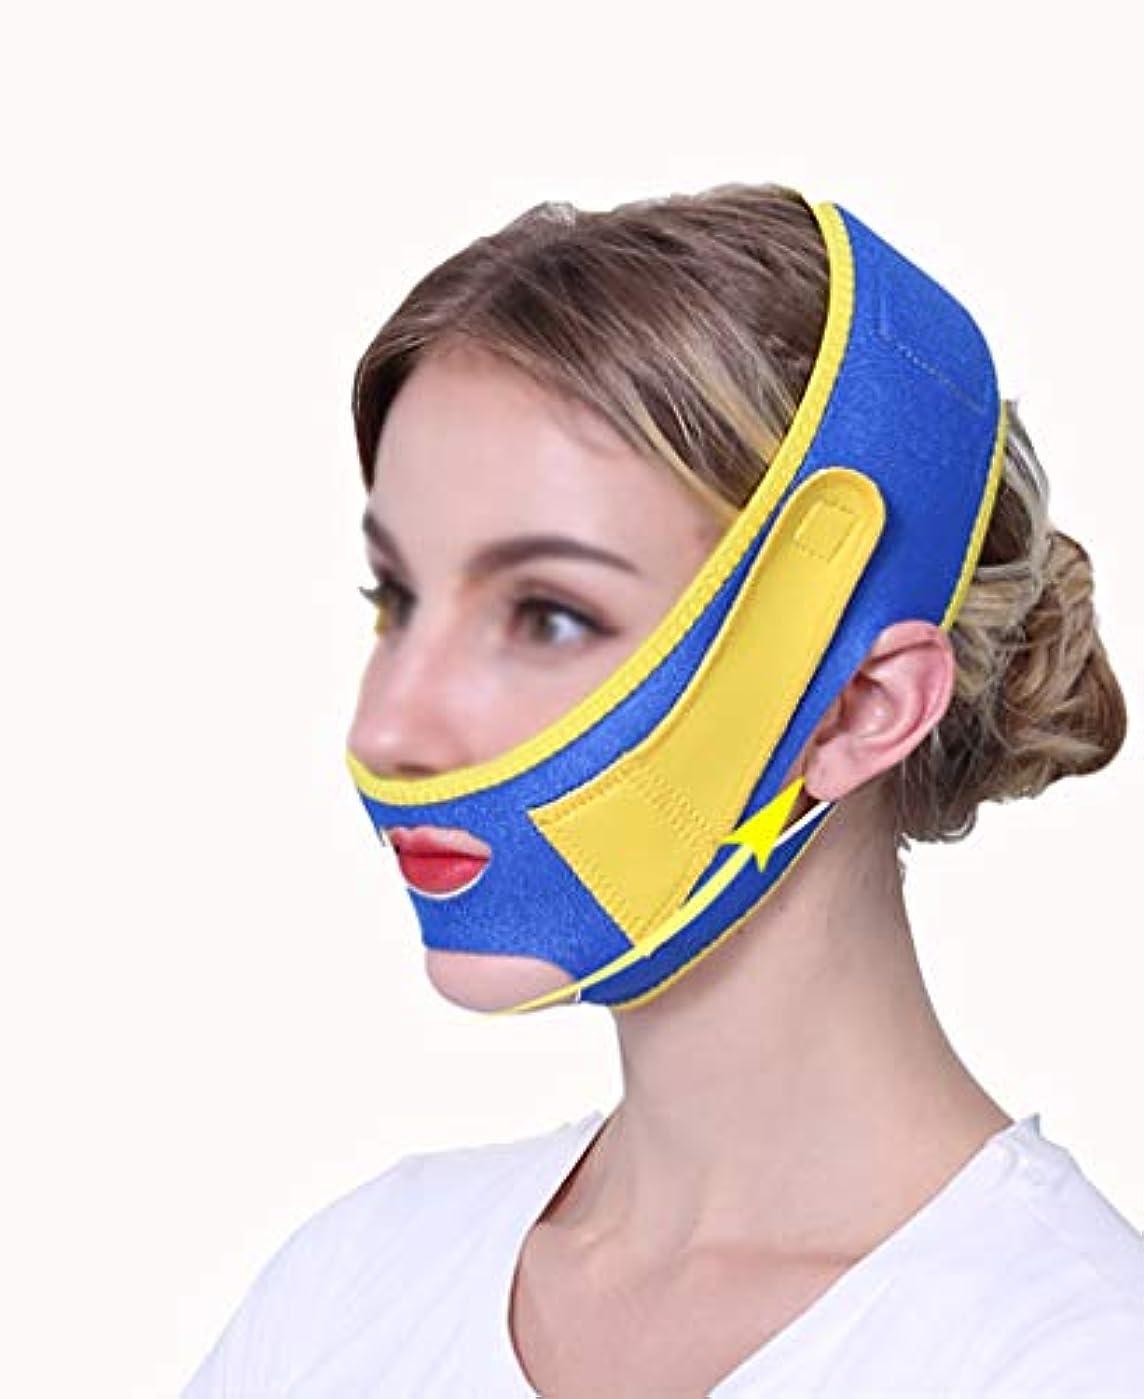 ミシン目マイコン誰GLJJQMY 薄いフェイスマスクあごストラップ回復包帯薄いフェイスマスクVフェイスステッカーフェイスステッカー韓国本物のリフティング引き締め形状の薄い二重あごの薄い顔の睡眠包帯アーティファクト 顔用整形マスク